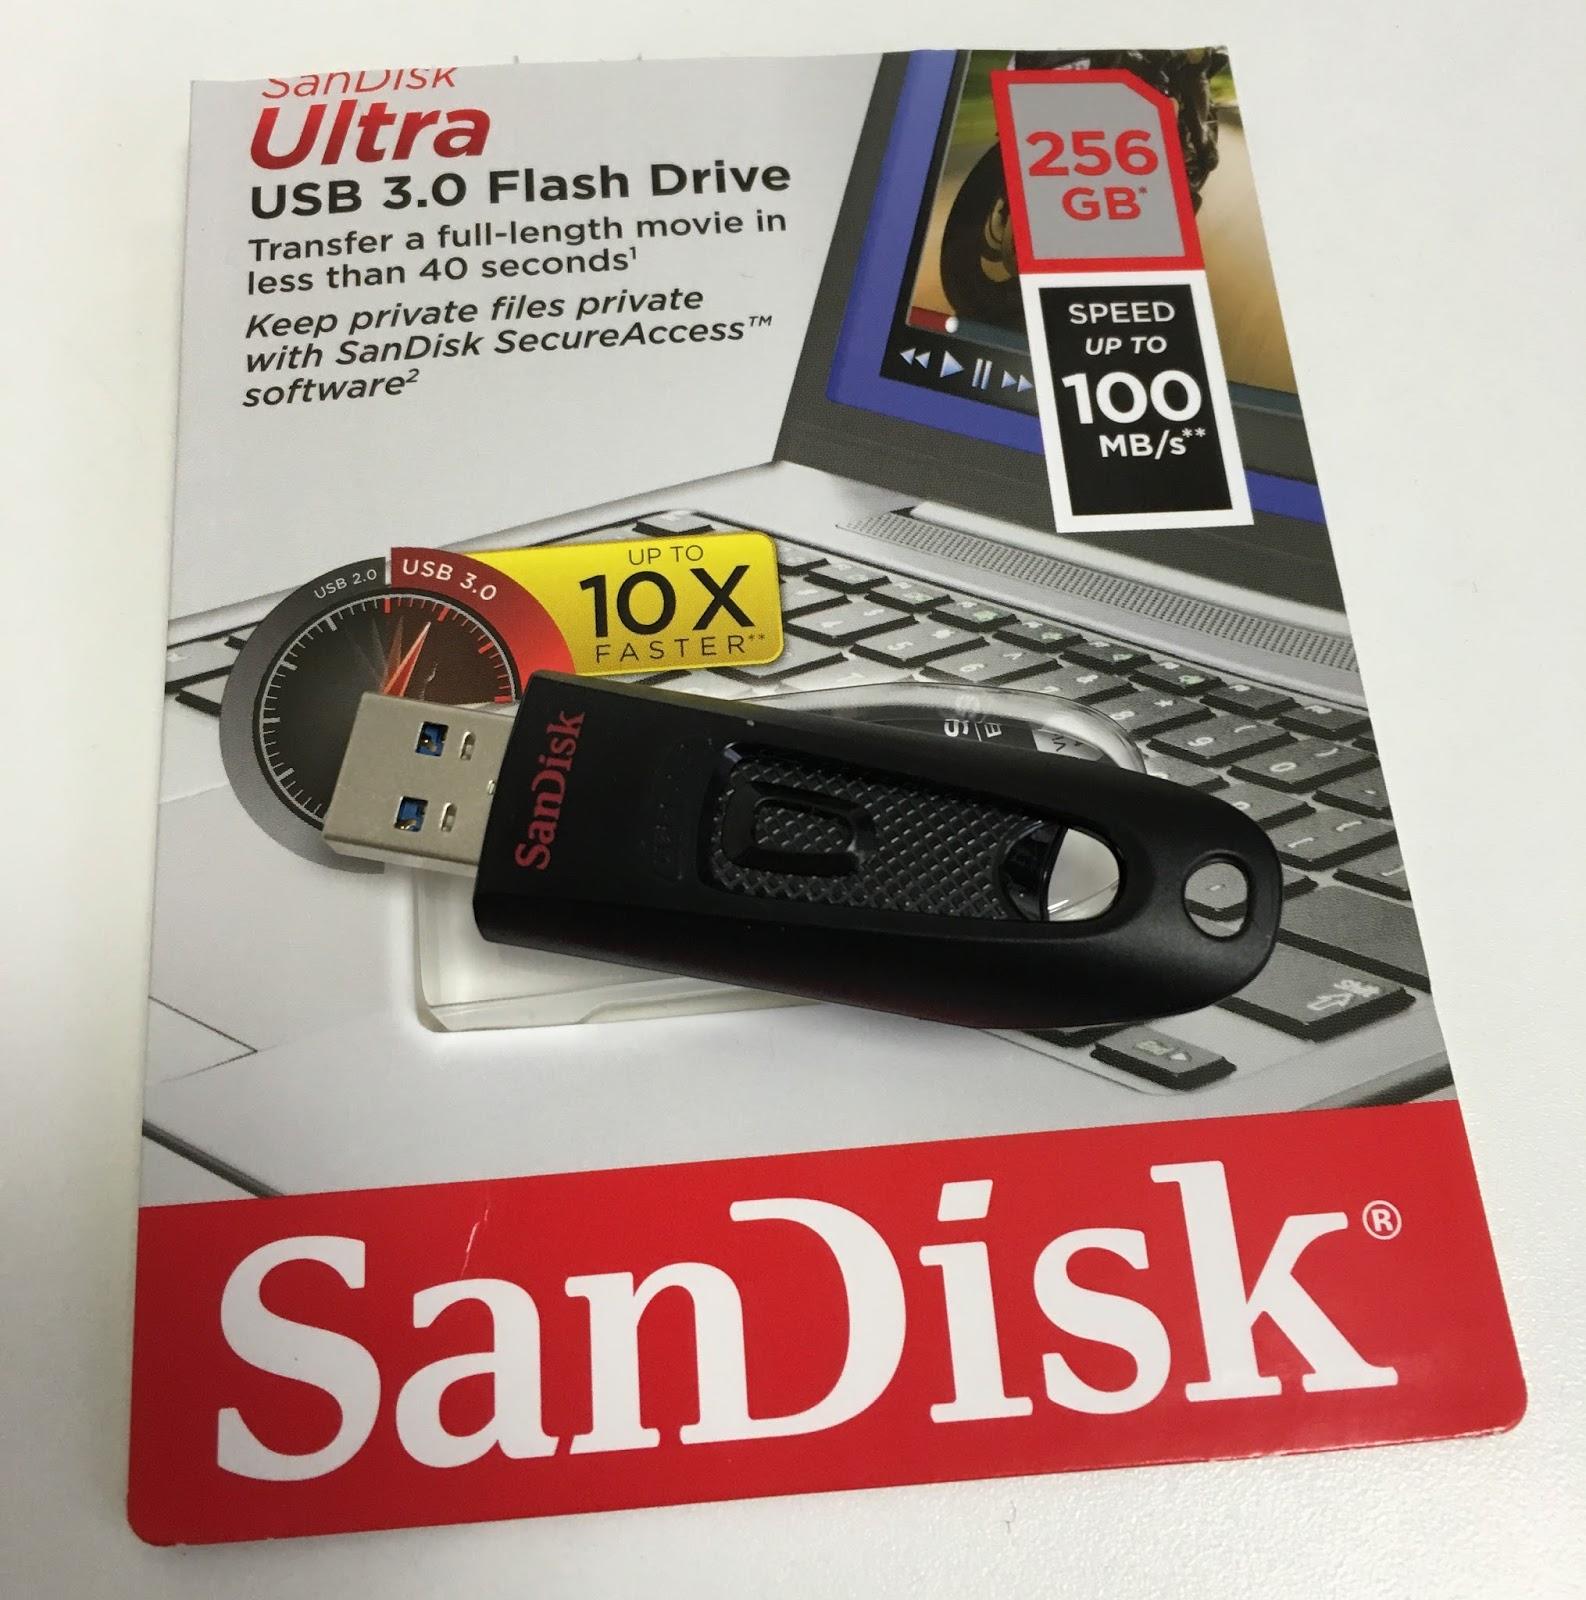 Cómo llevar la nube en el bolsillo: hasta 256 GB cifrados en un USB SanDisk